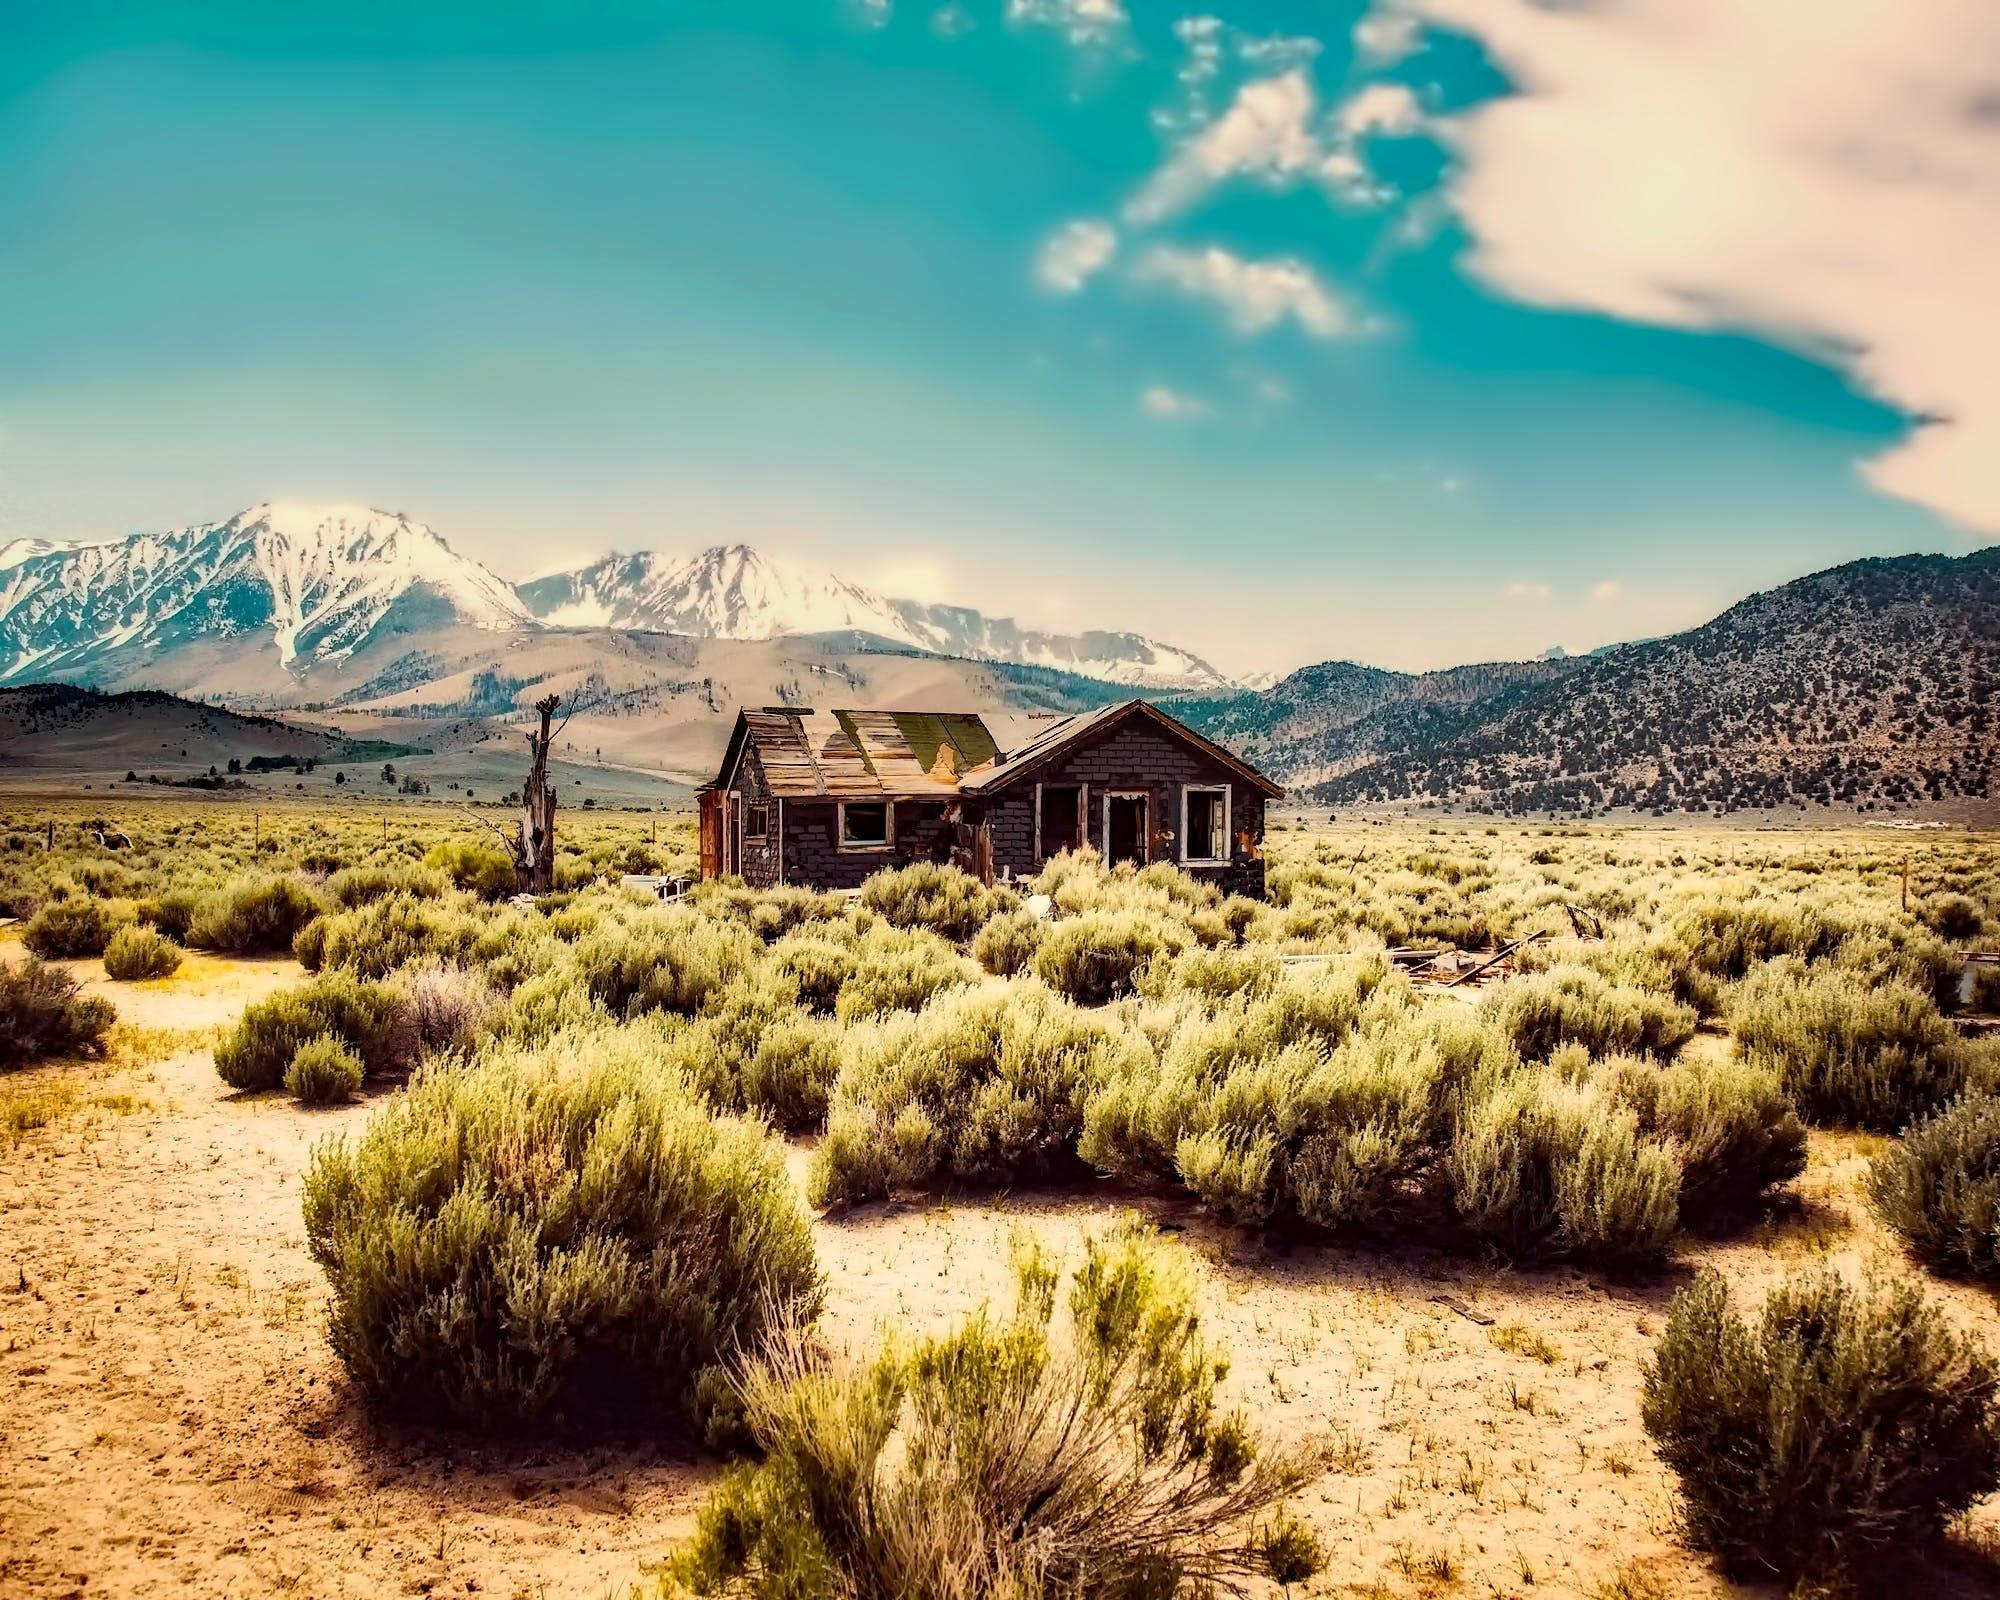 bungalow, bush, cabin